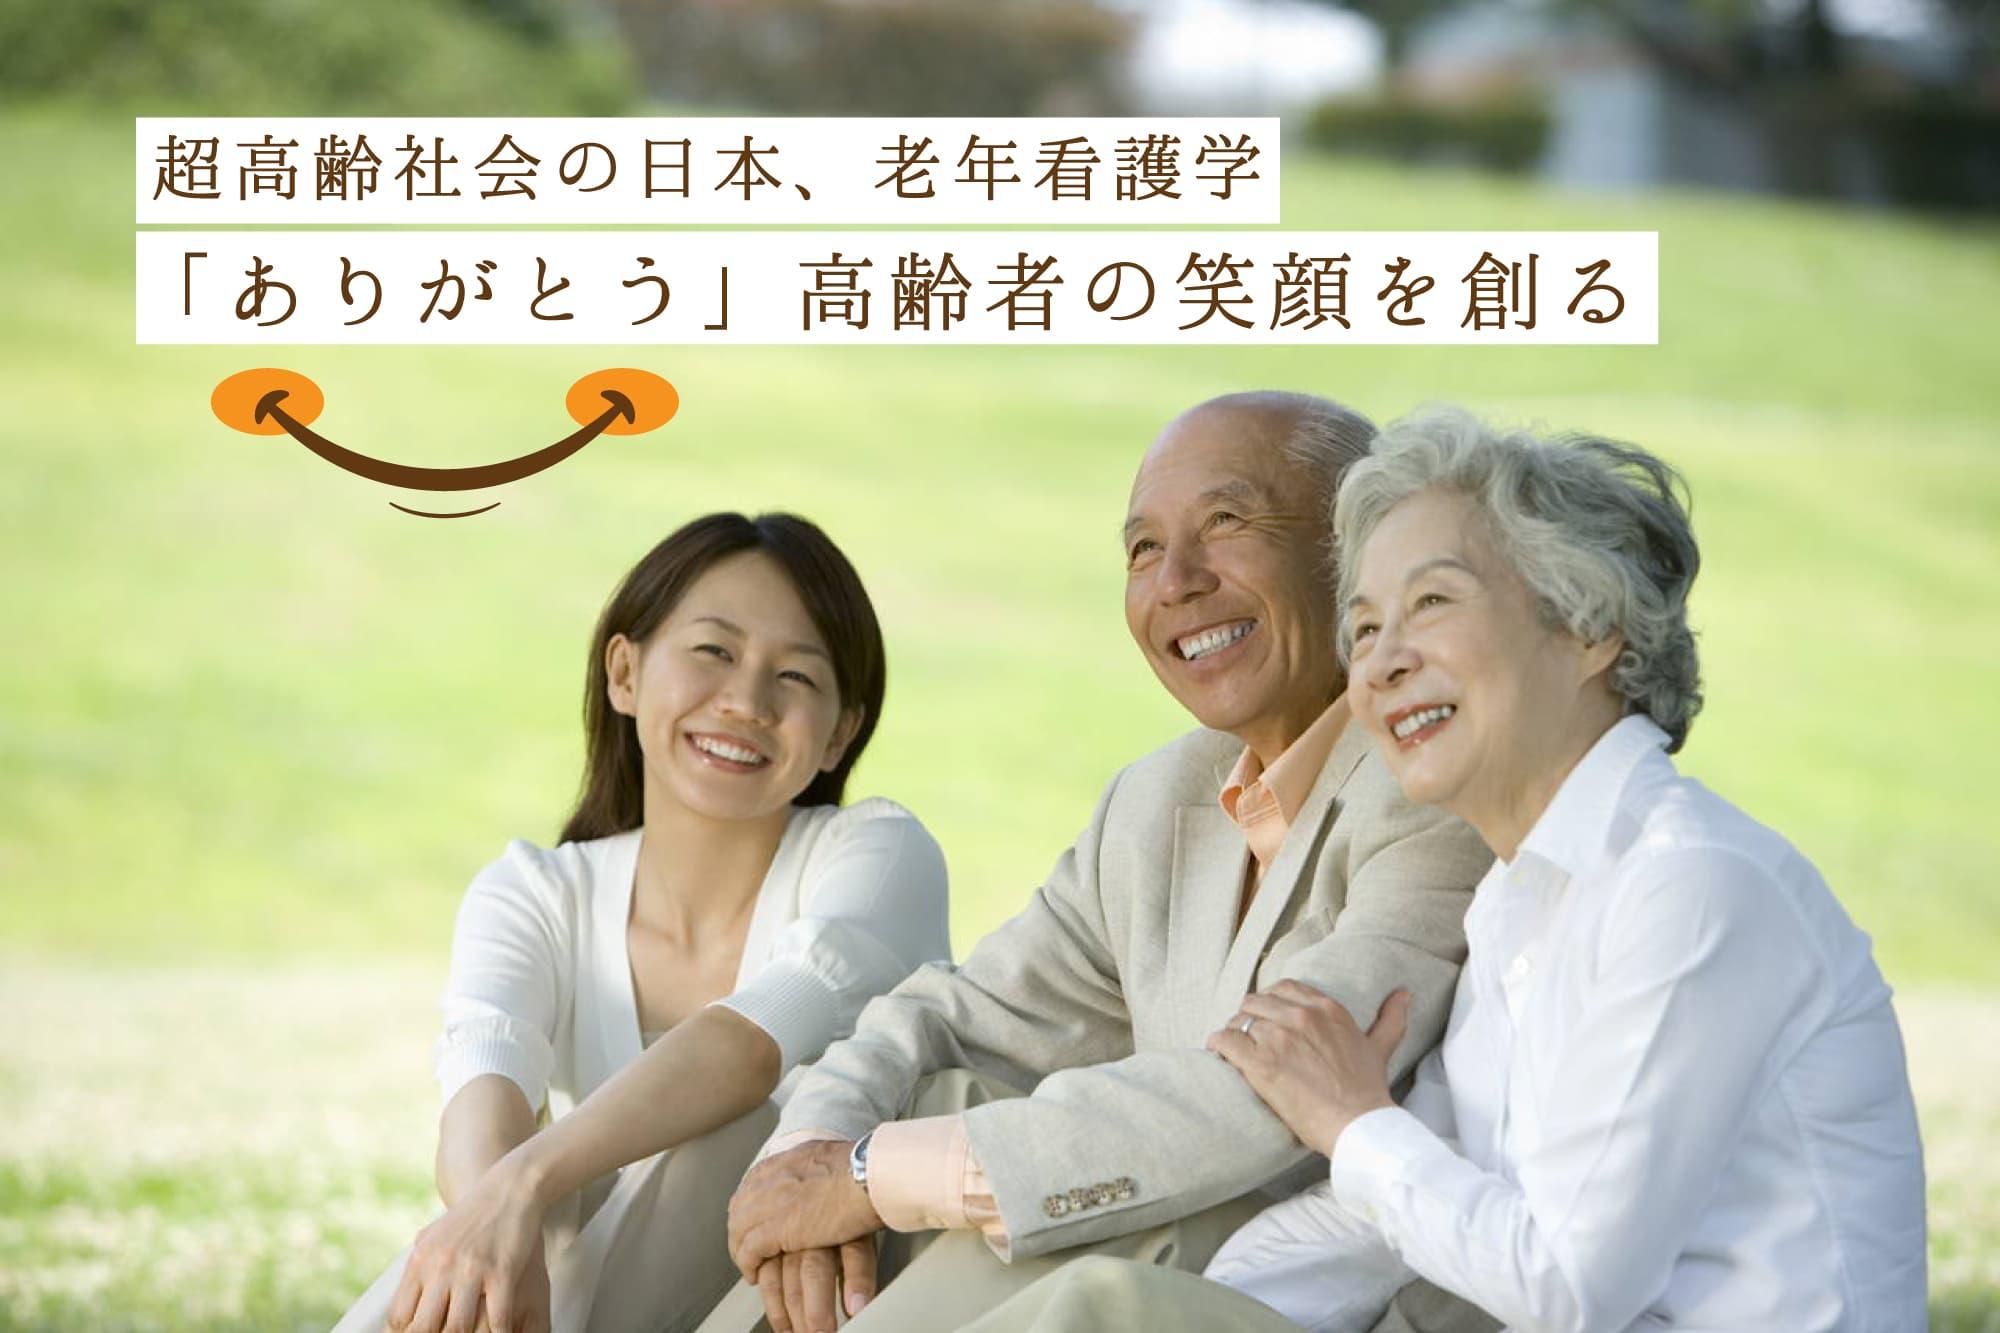 超高齢社会の日本、老年看護学「ありがとう」高齢者の笑顔を創る